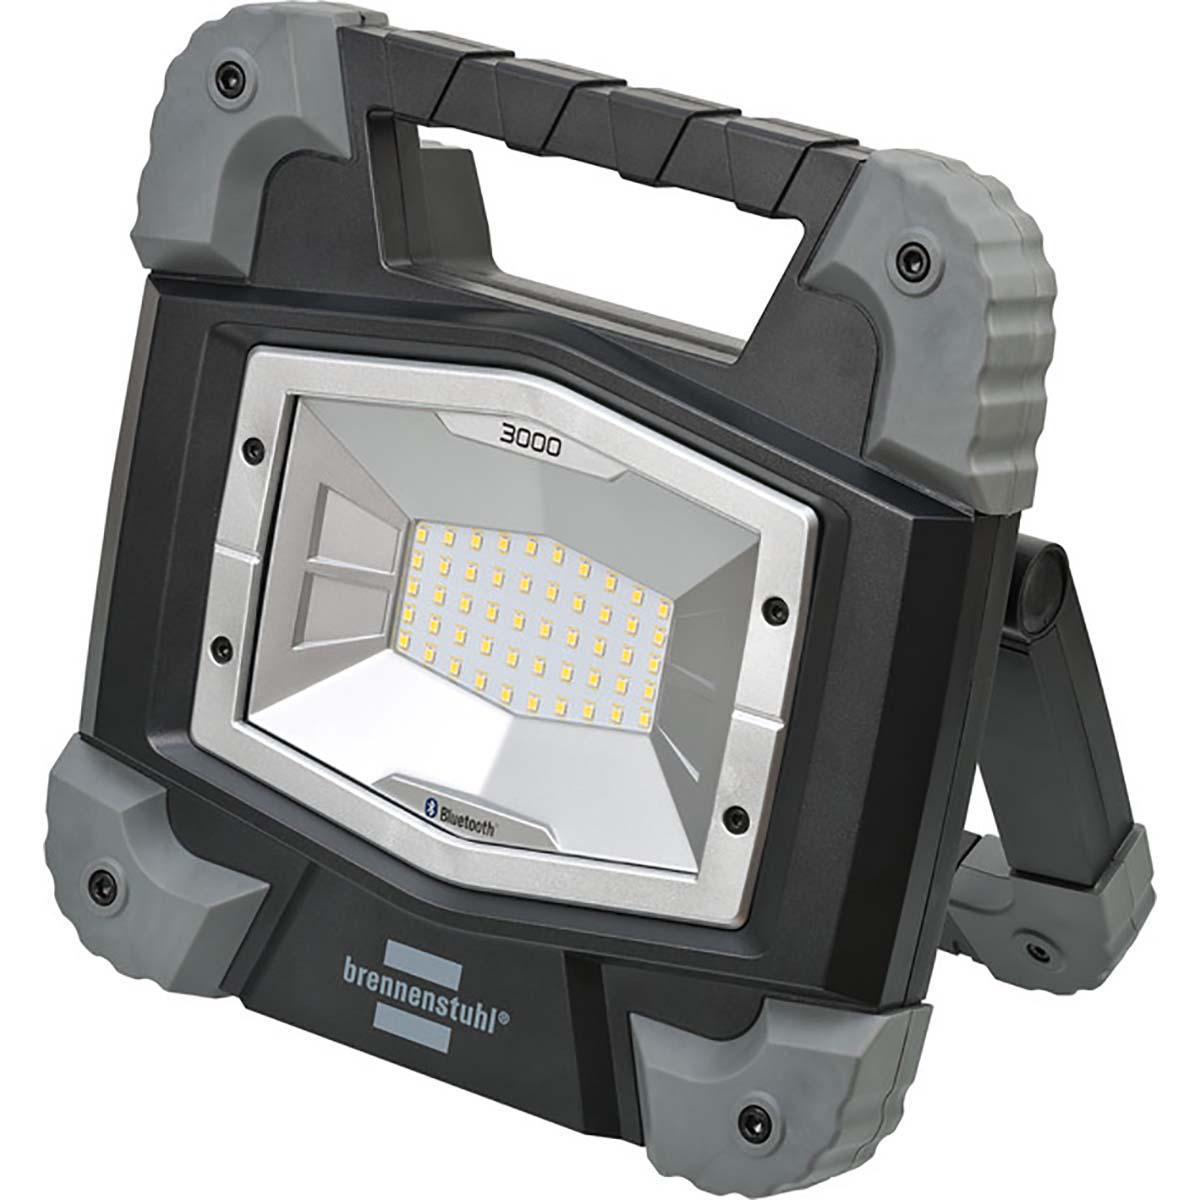 led-baustrahler-toran-30w-fur-aussen-mit-lichtsteuerungs-app